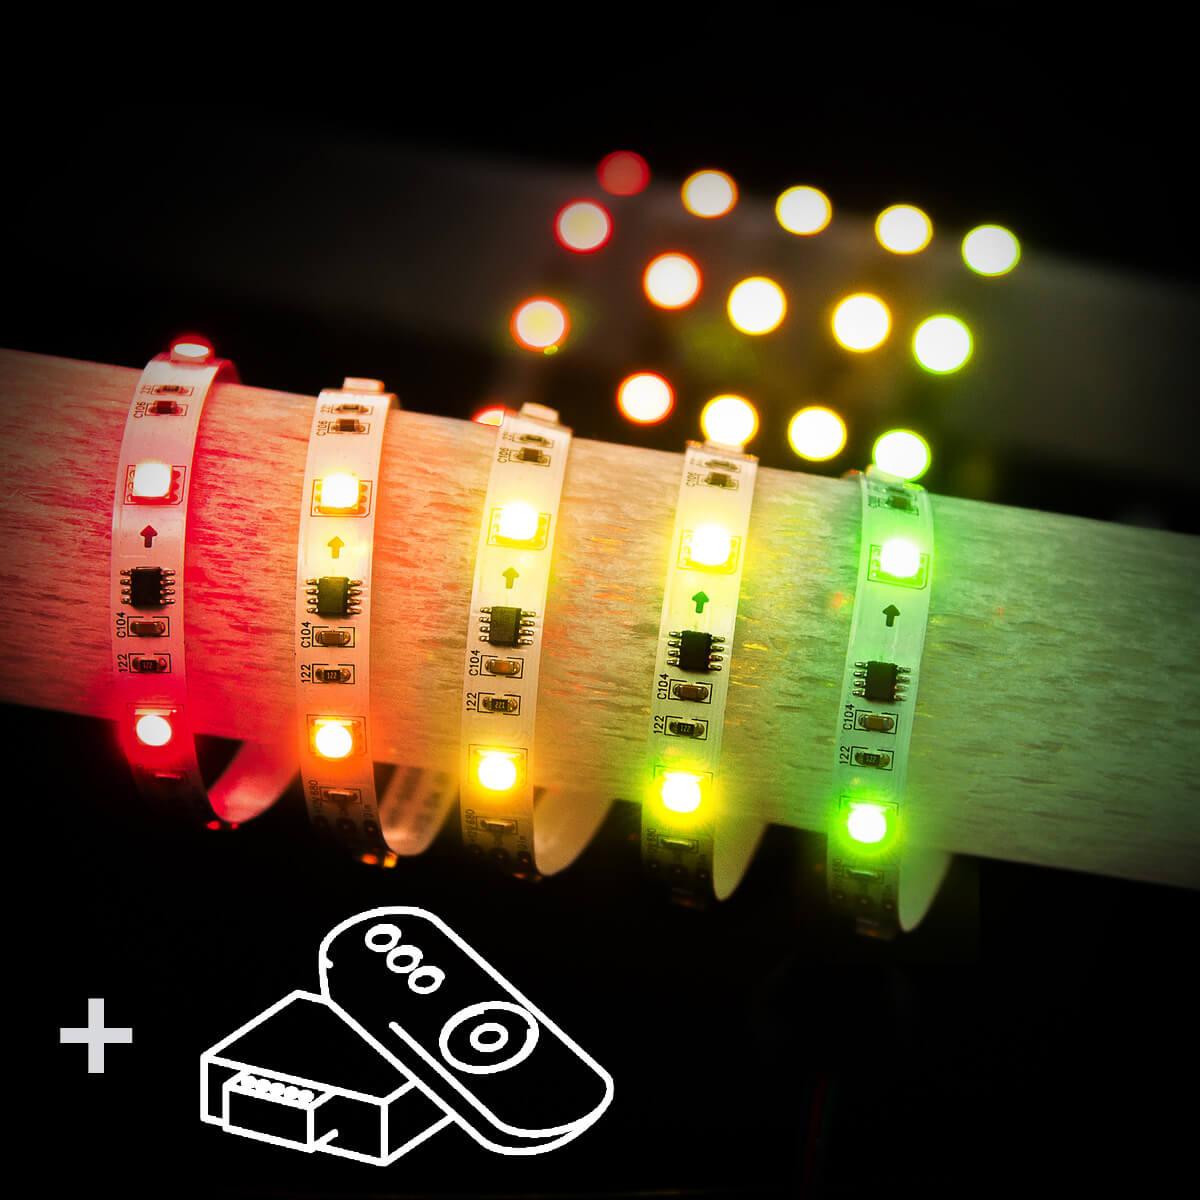 цена на Светодиодная лента Elektrostandard 7,2W/m 30LED/m 5050SMD RGB 5M 44690389082009